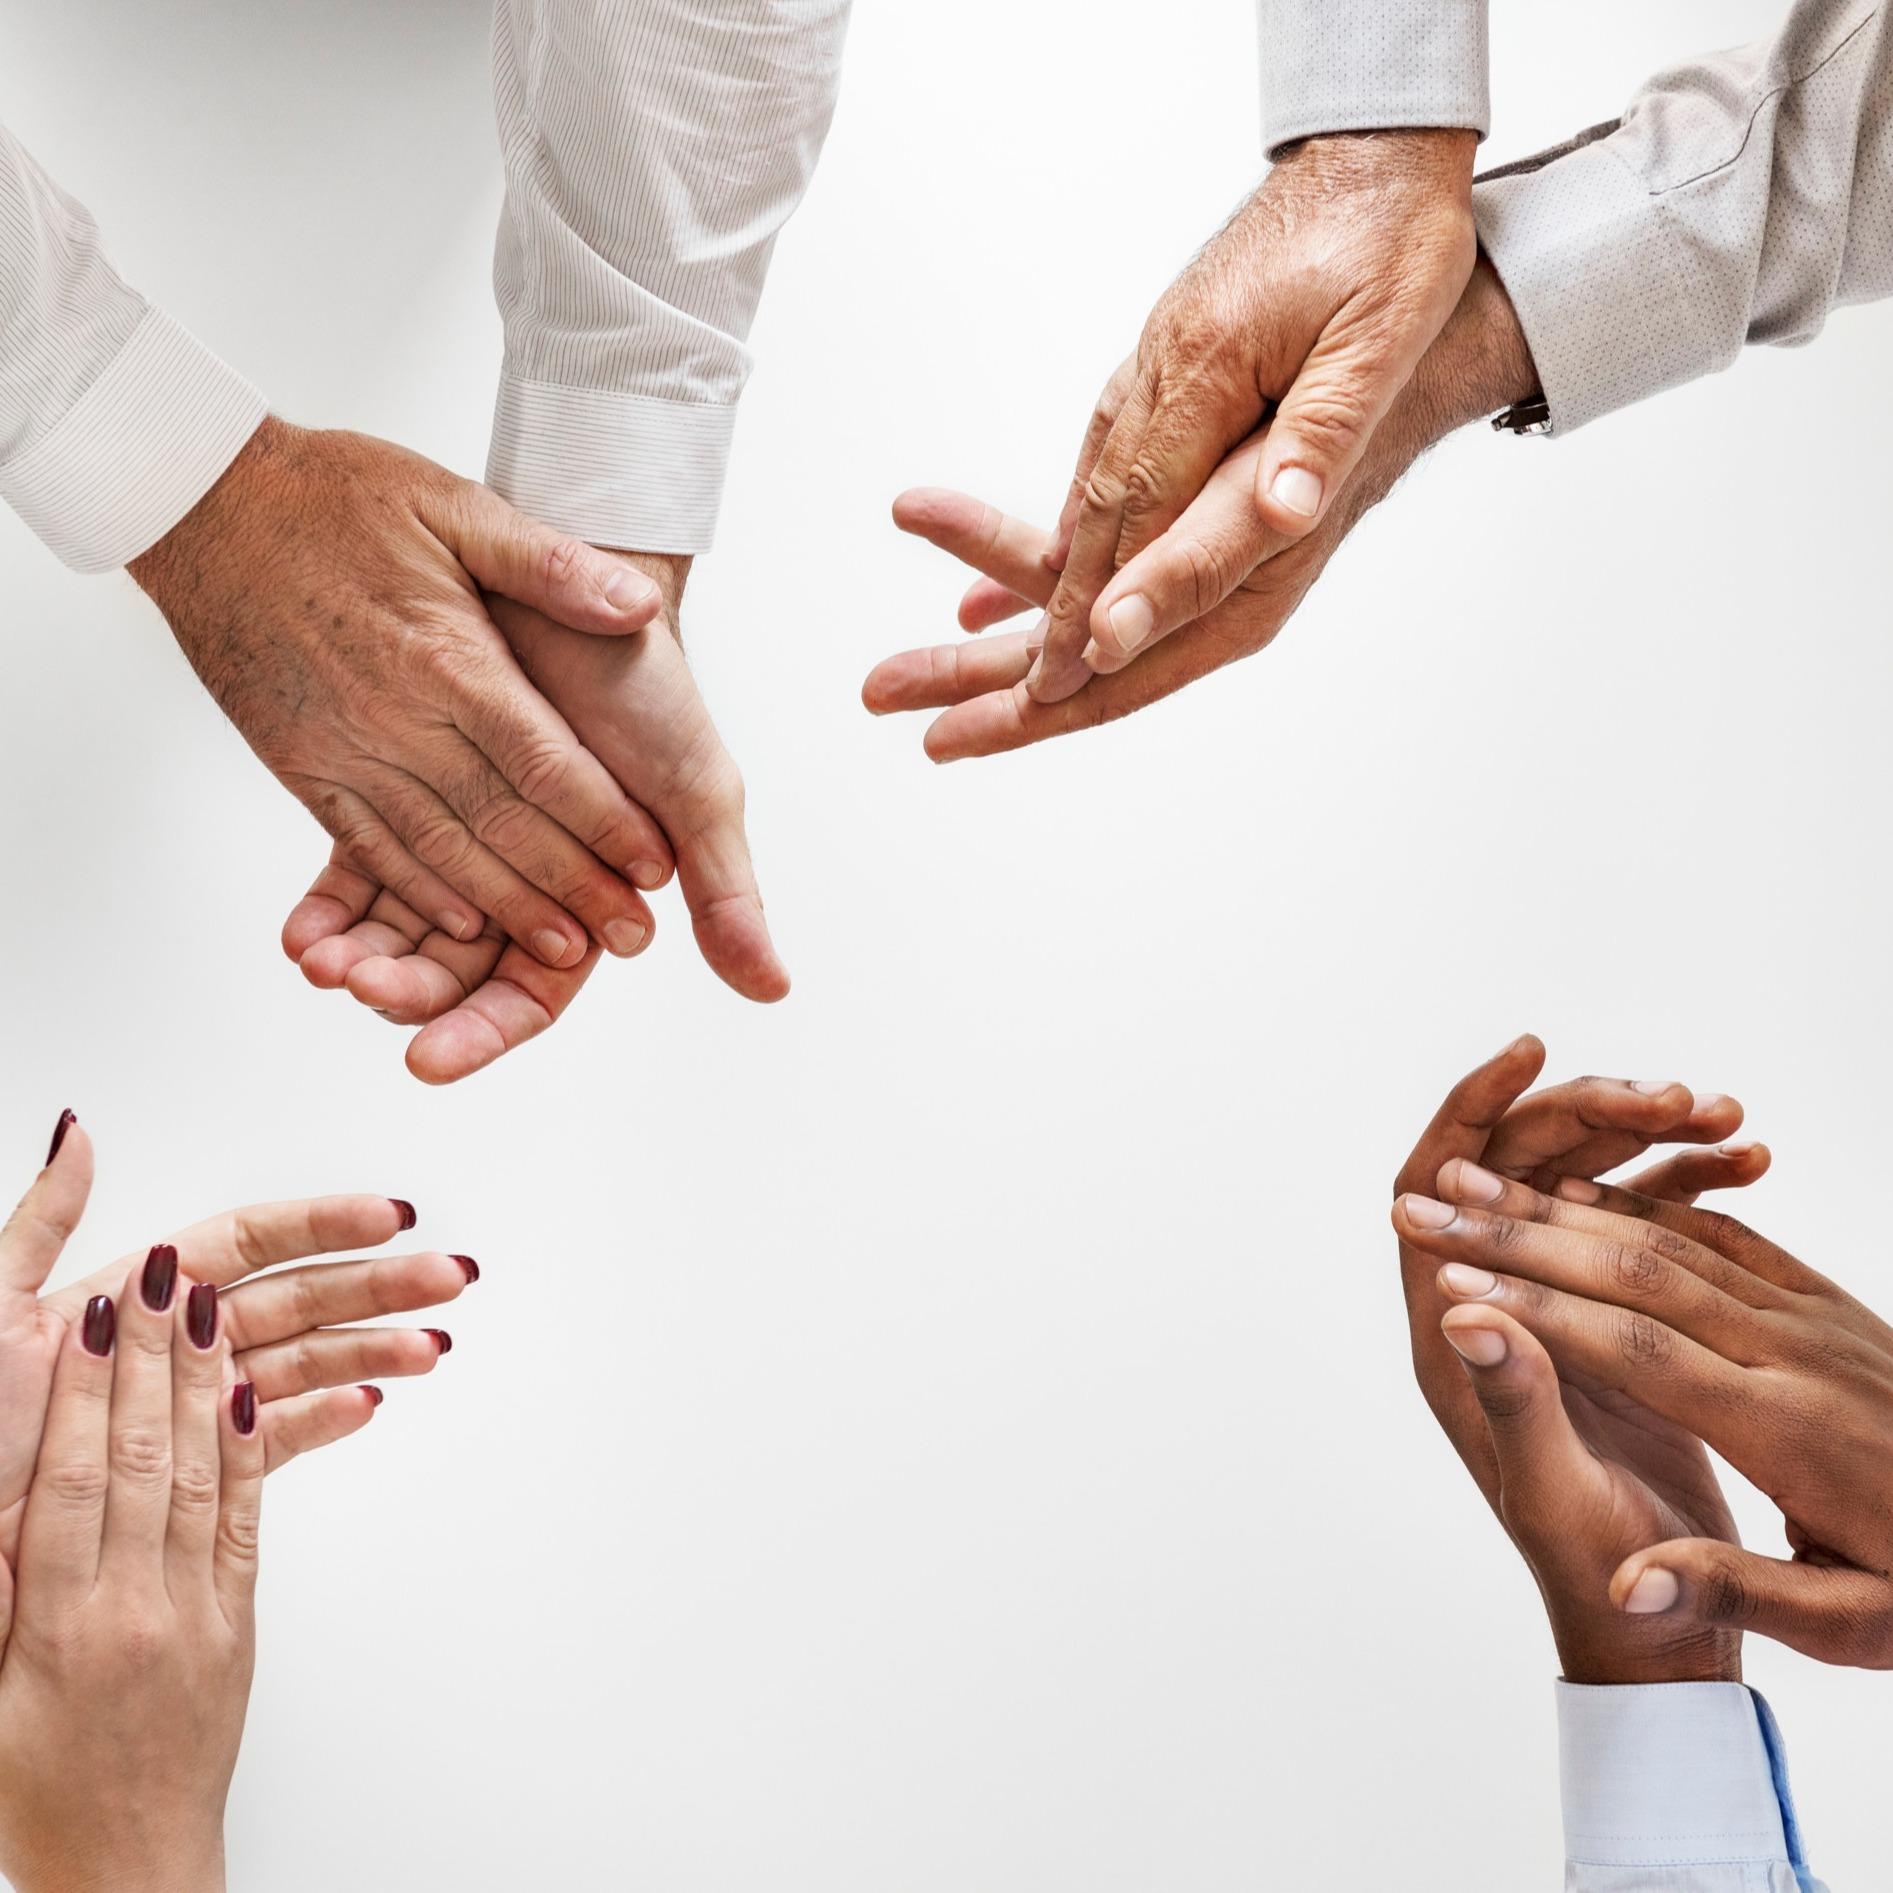 ledning chefer och styrelse förändring intranät